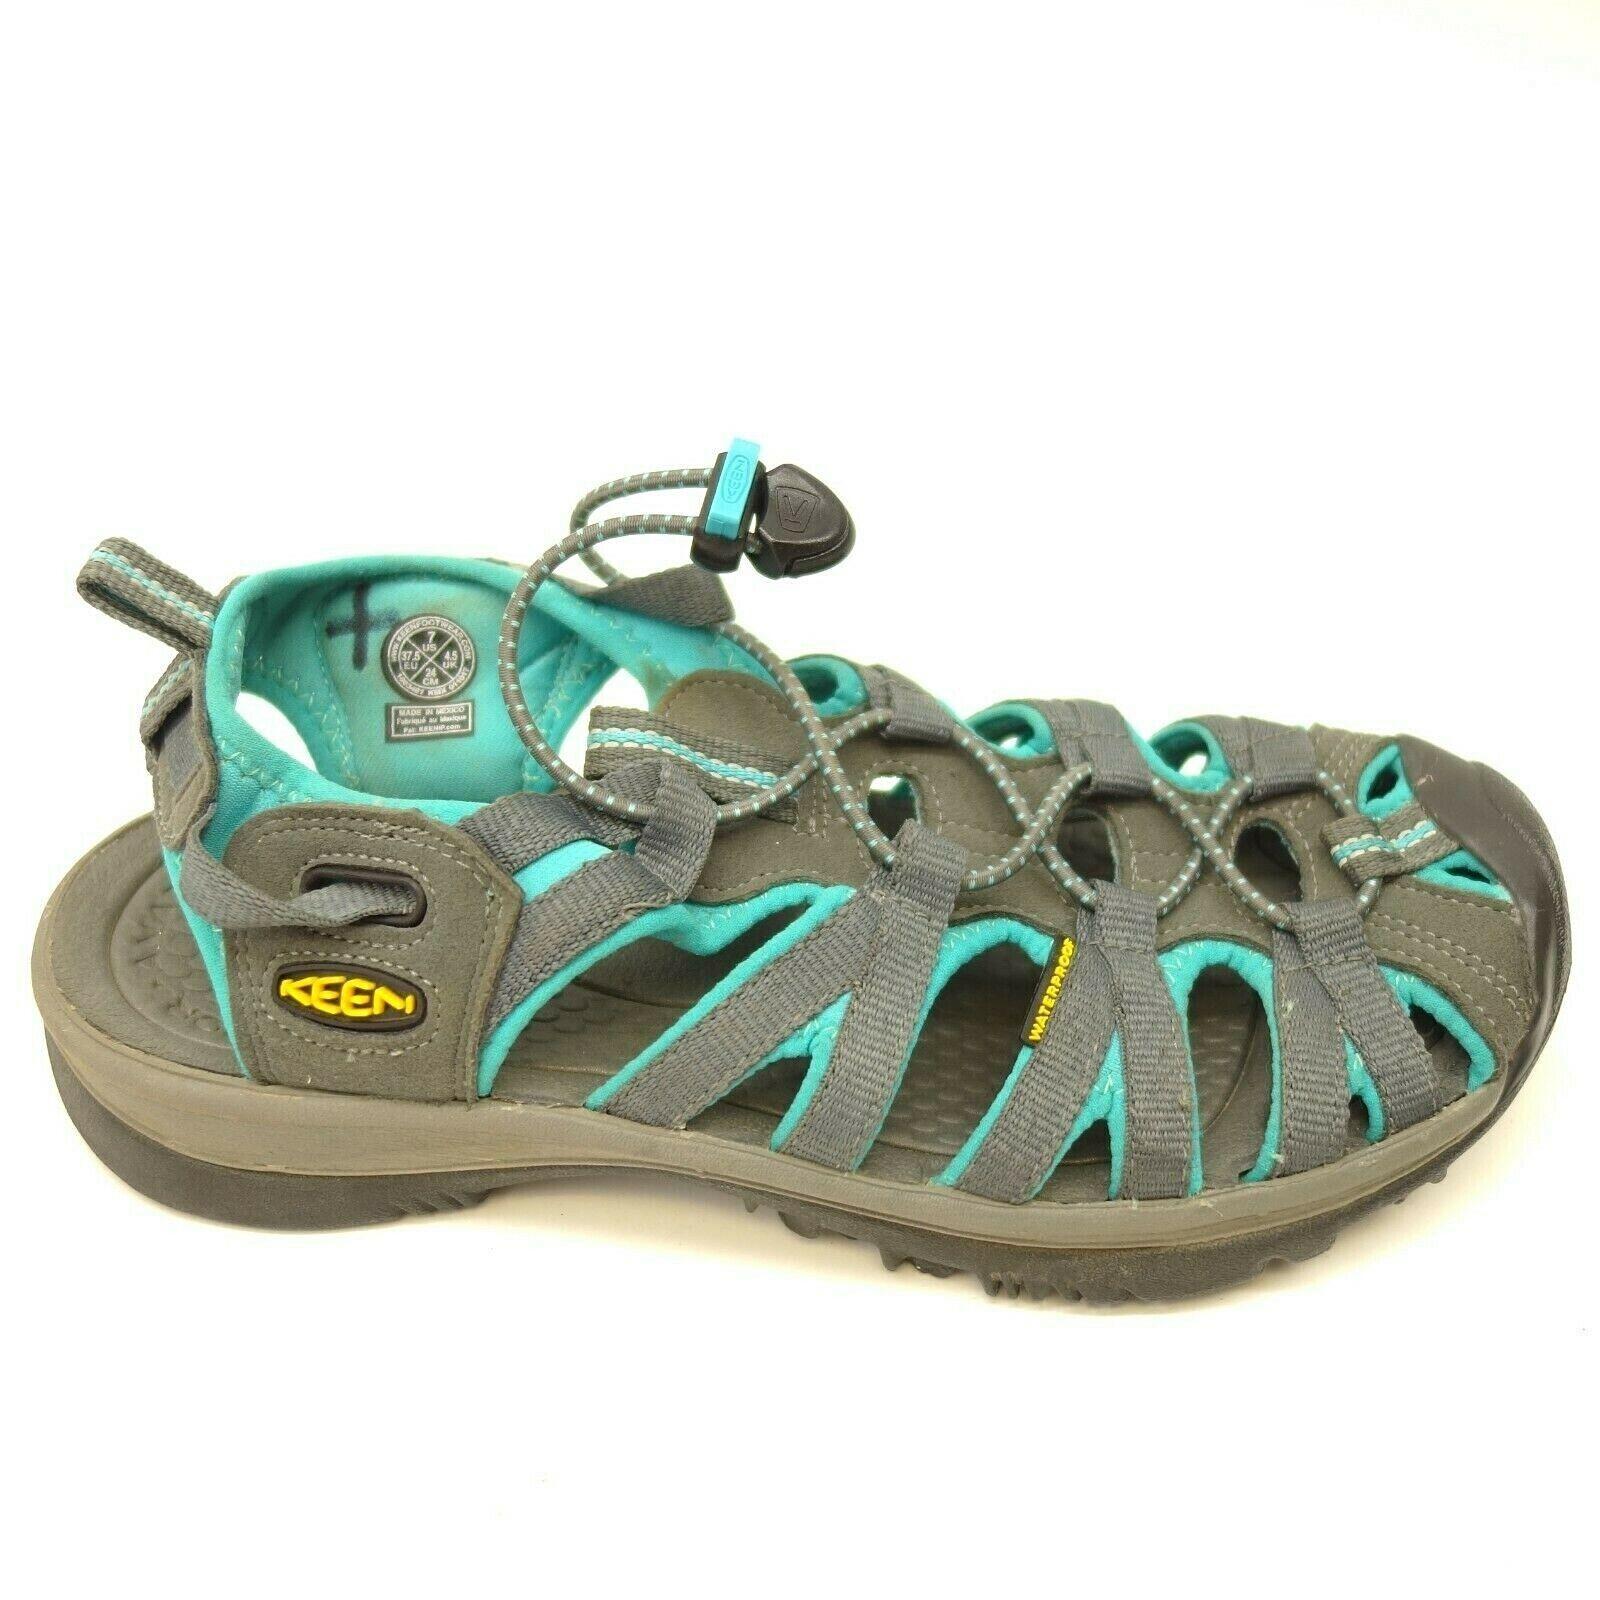 Keen Original Sport Flüsster Sandalen Us 7 Eu 37,5 Gurt Gepolstert Damen Schuhe